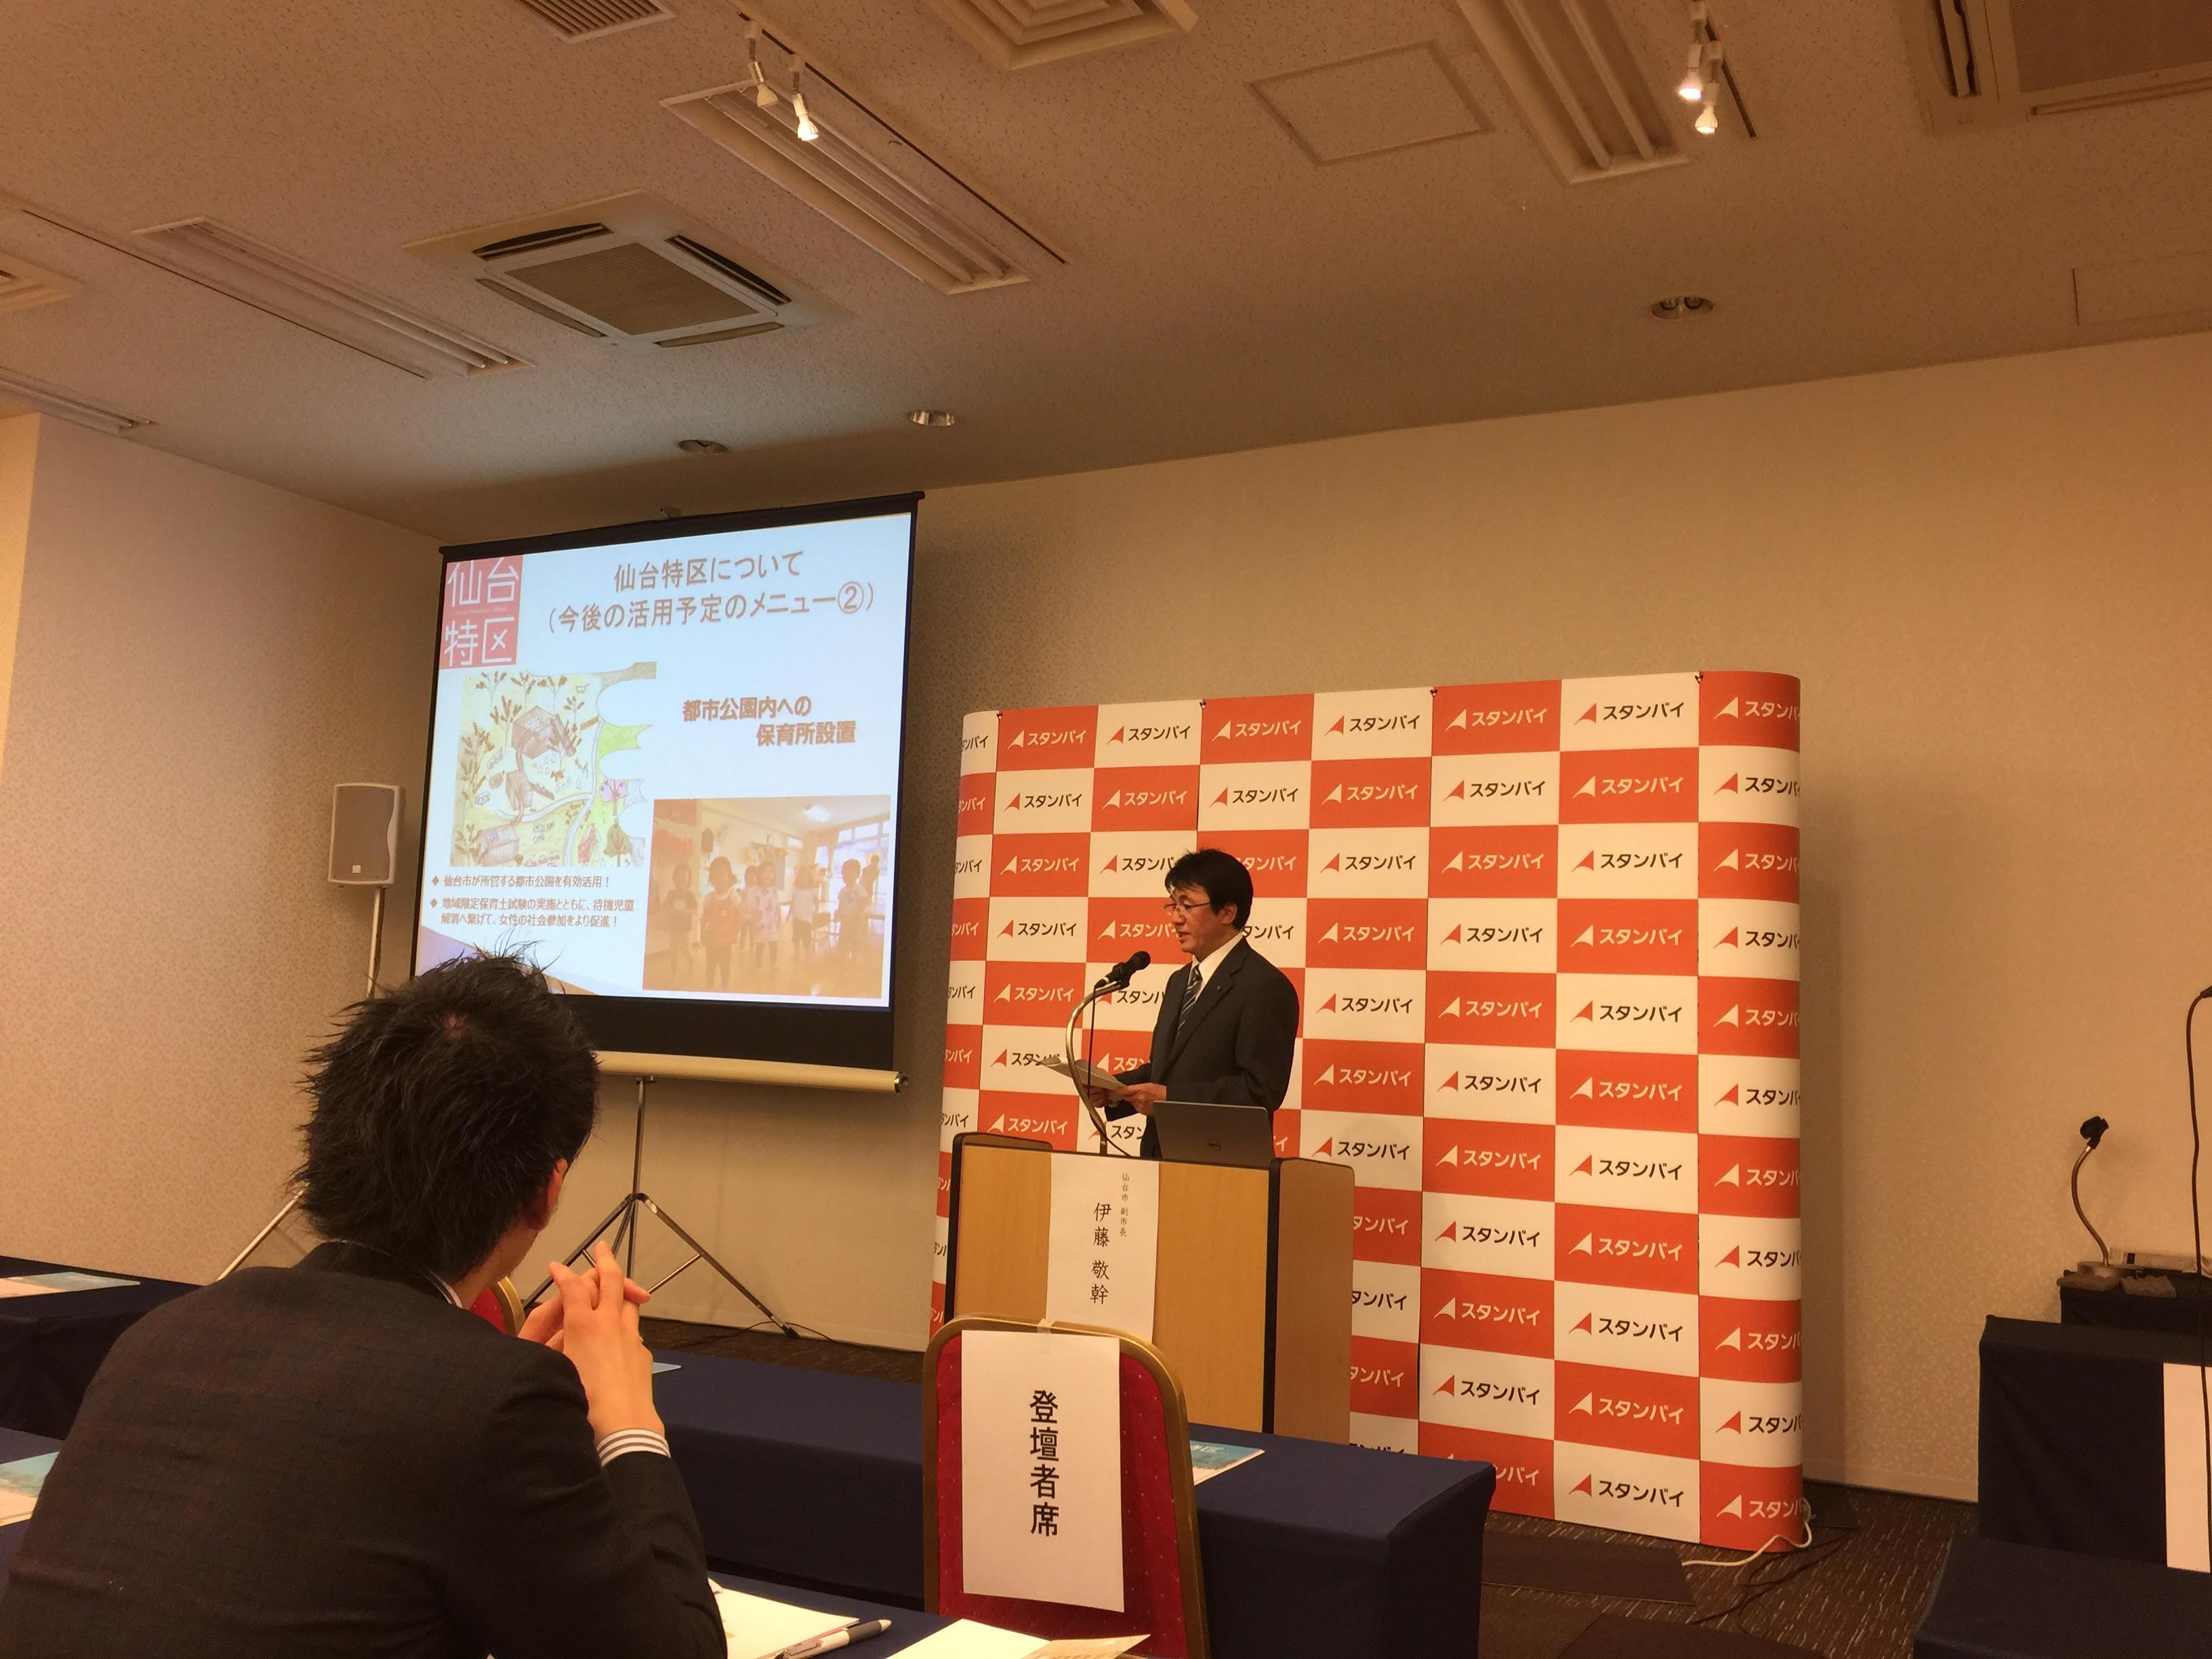 河北新報にて「仙台市国家戦略特区イベント」が紹介されました。